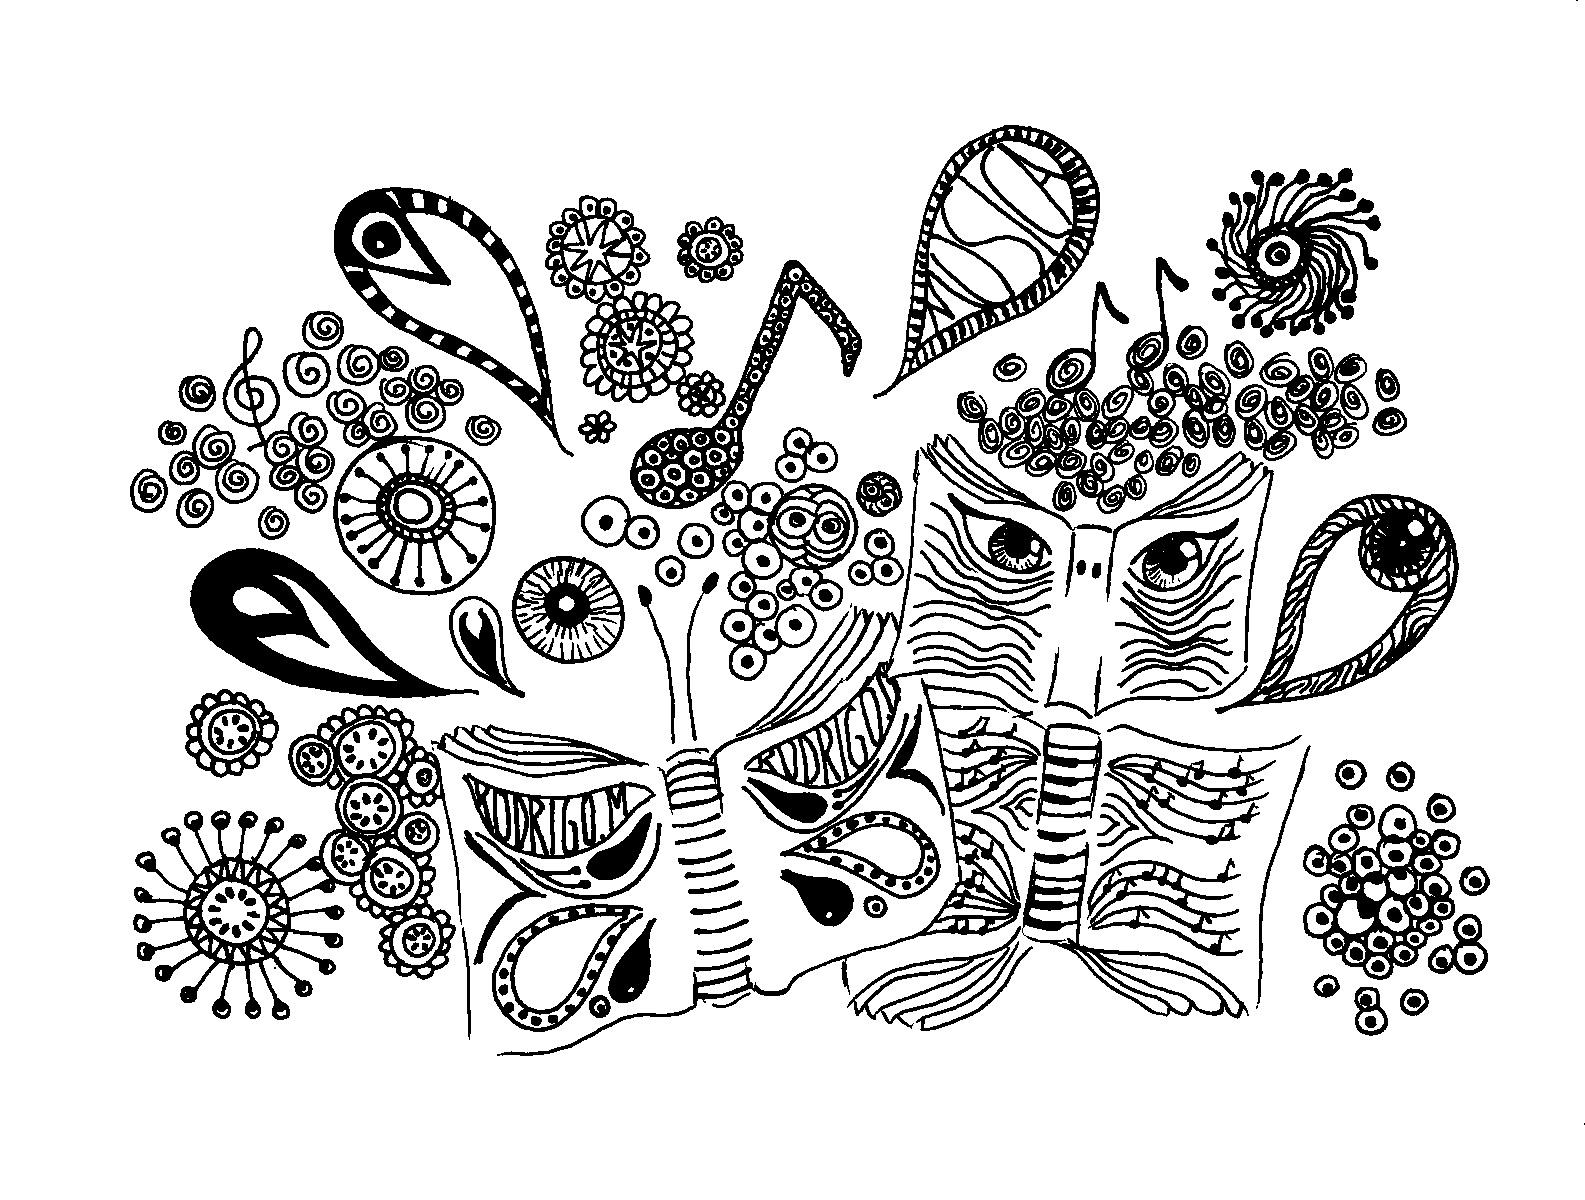 Dibujos Abstractos Para Pintar Cuadros. Dibujar Arte Abstracto. Este ...